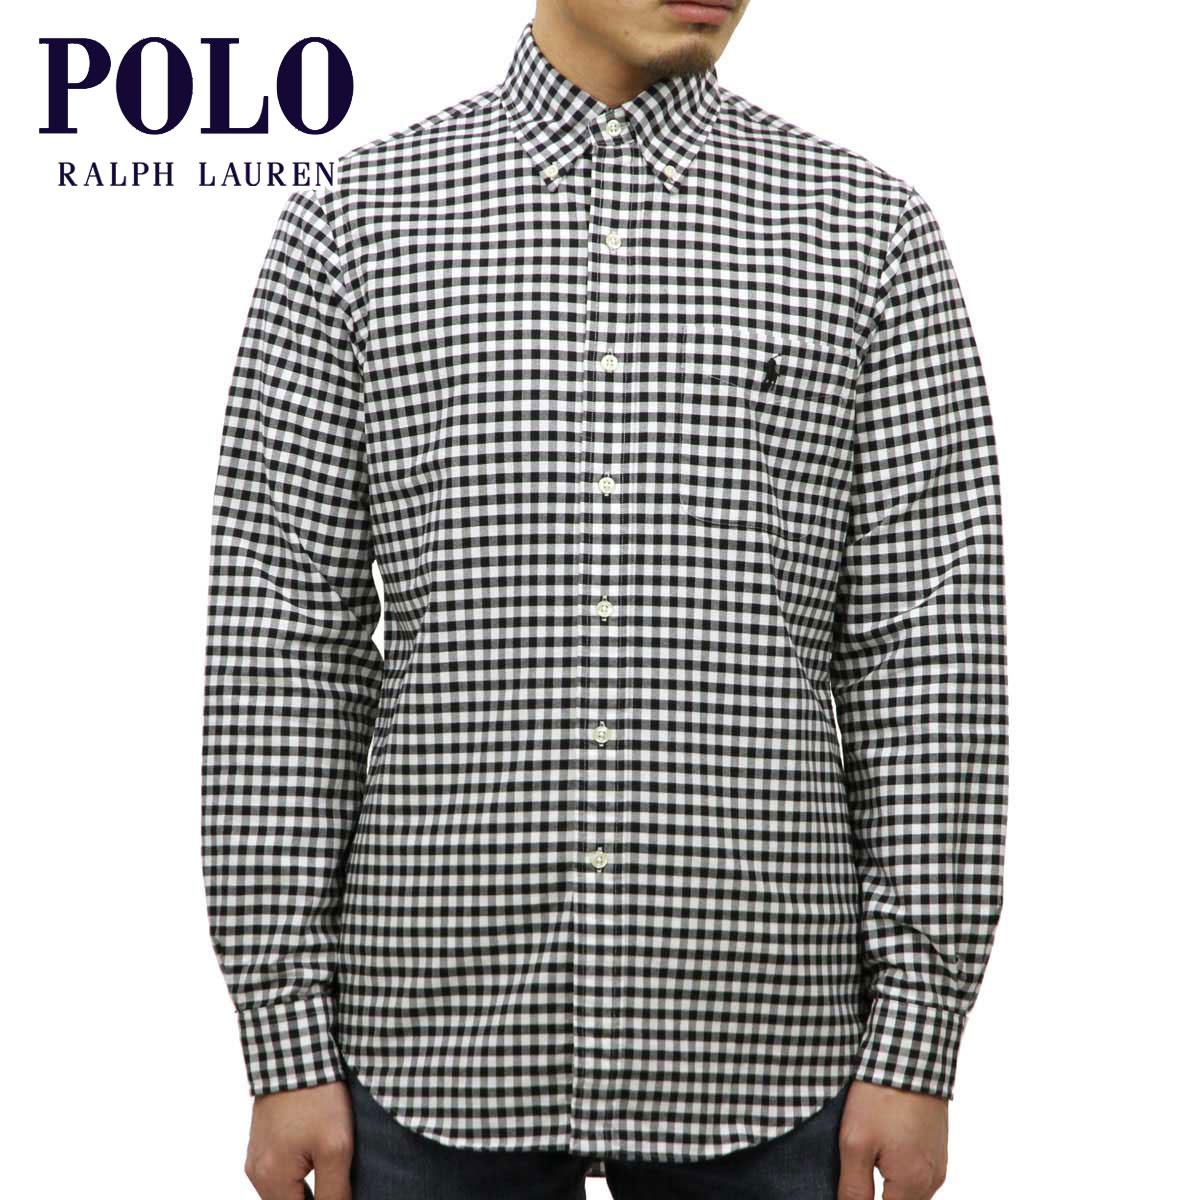 fbc95dc8 Polo Ralph Lauren shirt men's regular article POLO RALPH LAUREN long  sleeves shirt button-down shirt BUTTON DOWN GINGHAM CHECK SHIRTS